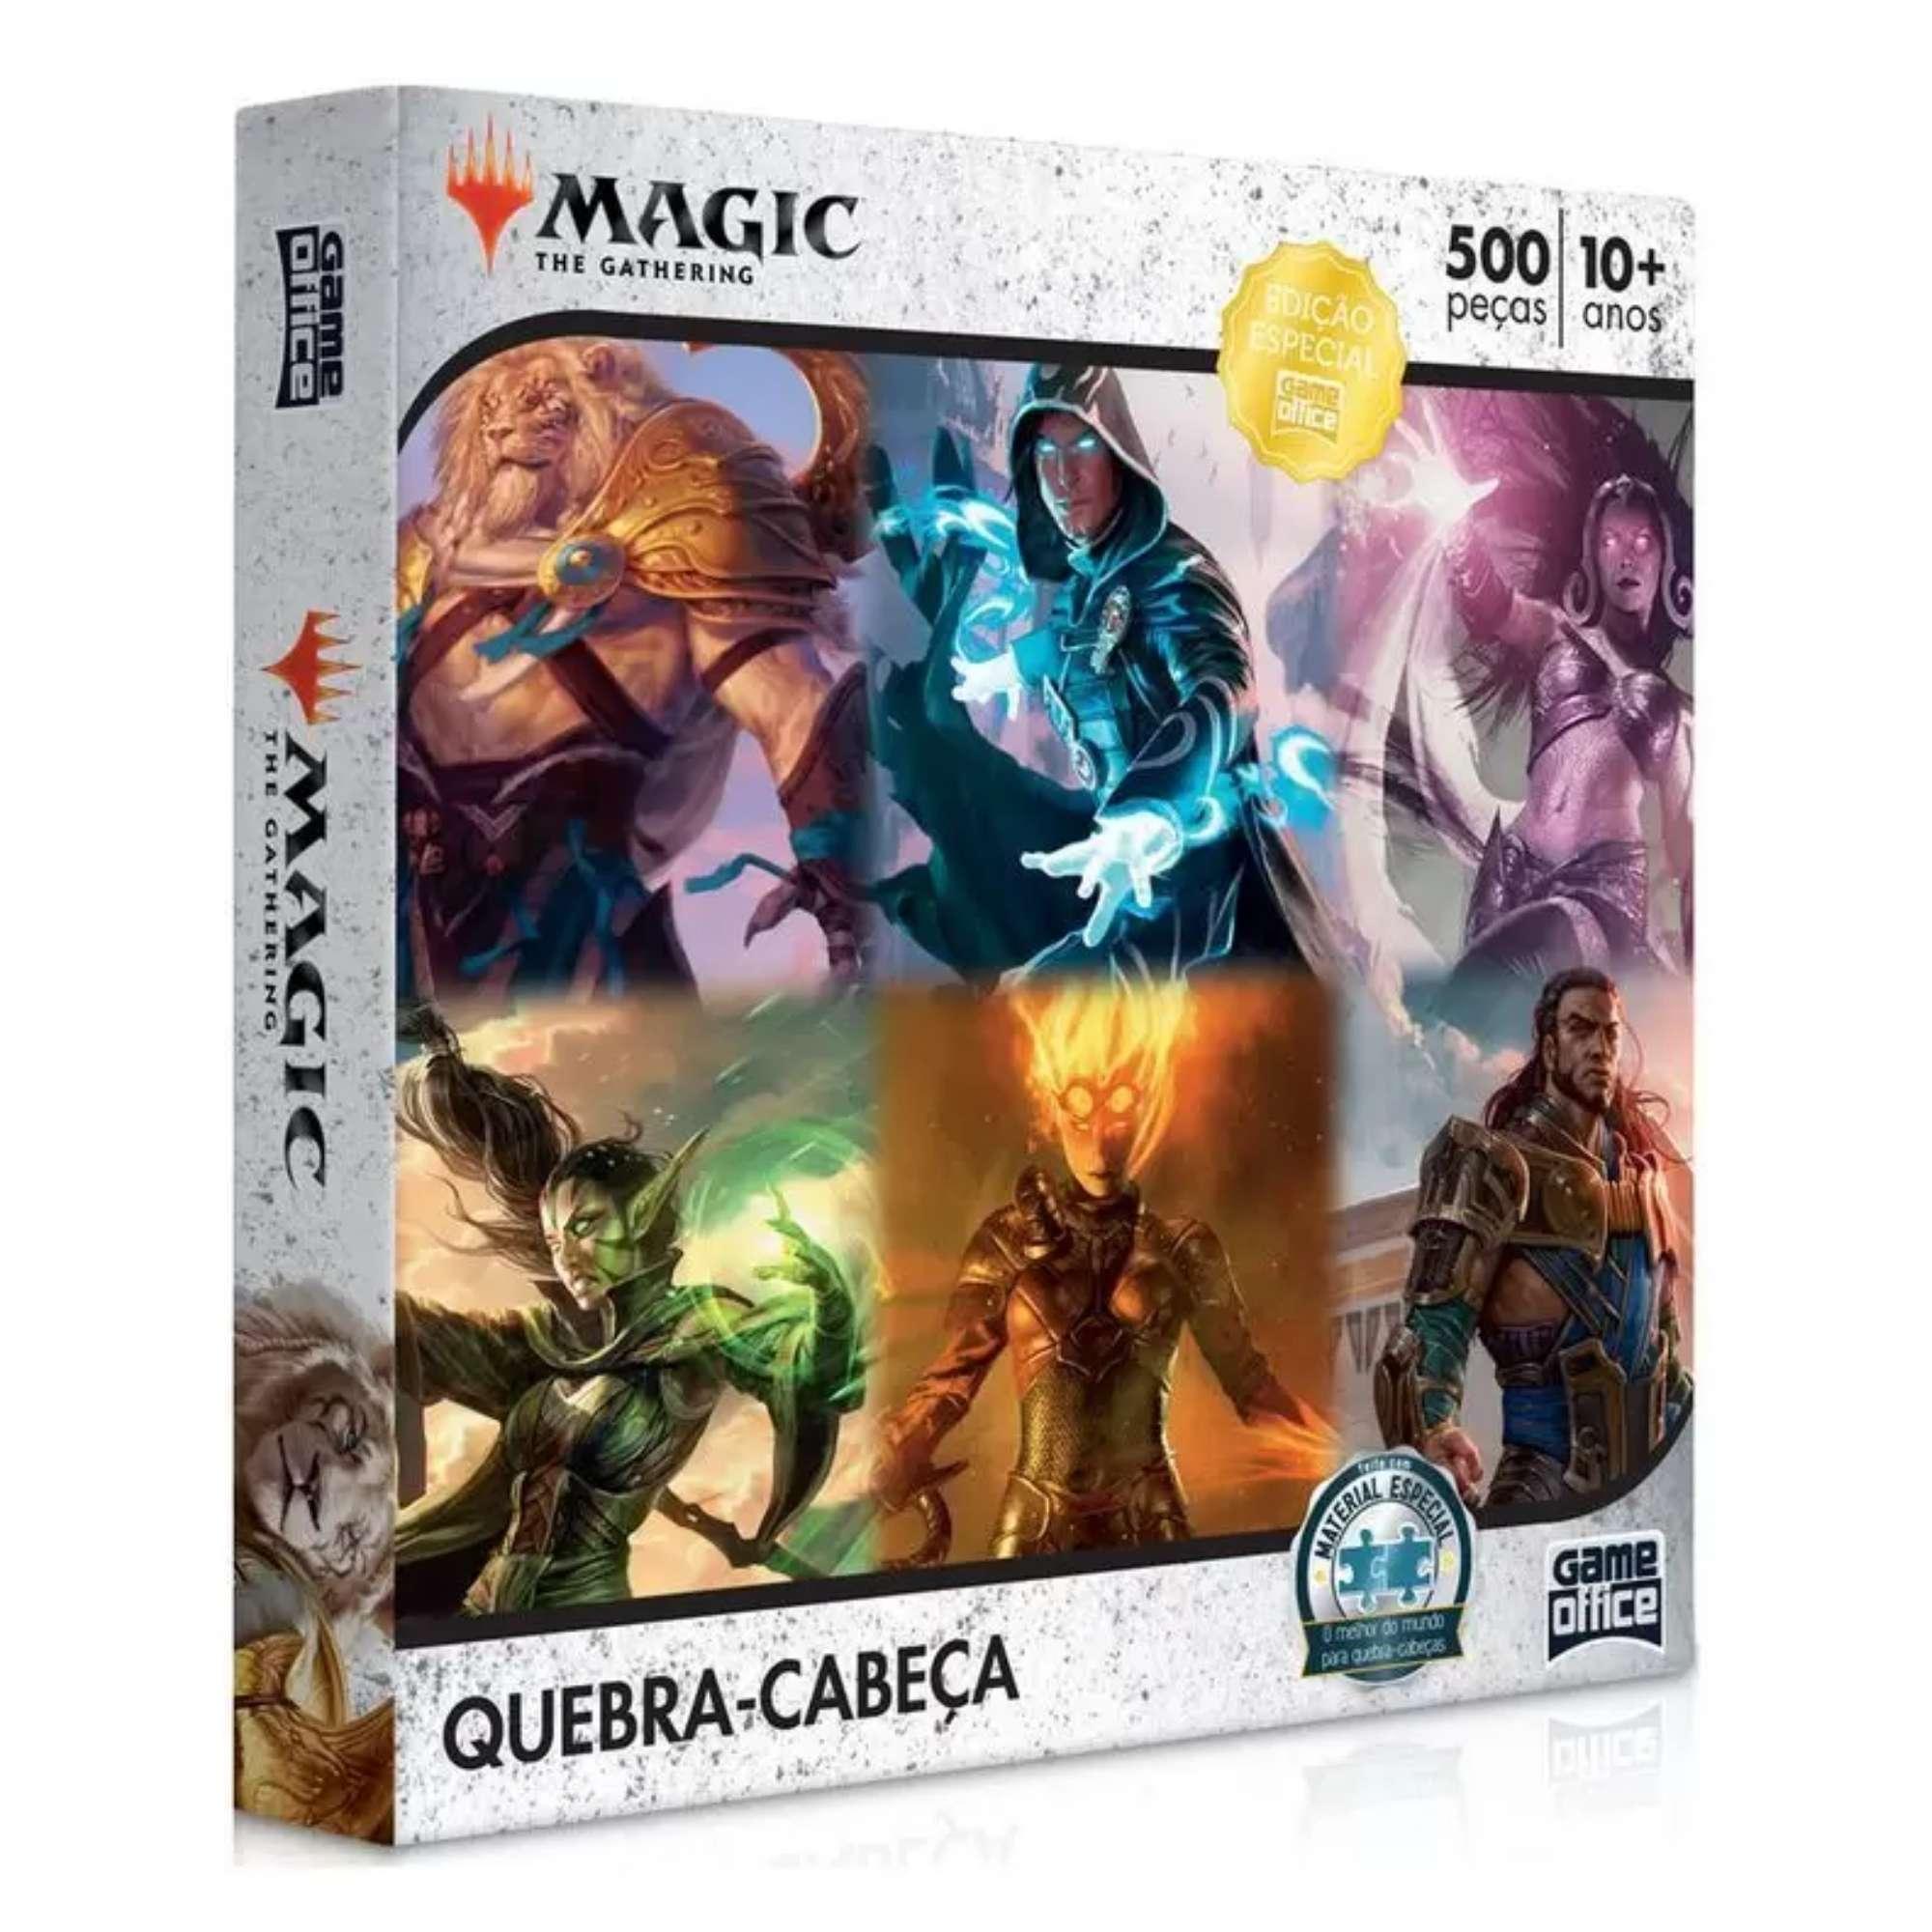 Quebra-Cabeça Magic: the Gathering - 500 peças - Game Office